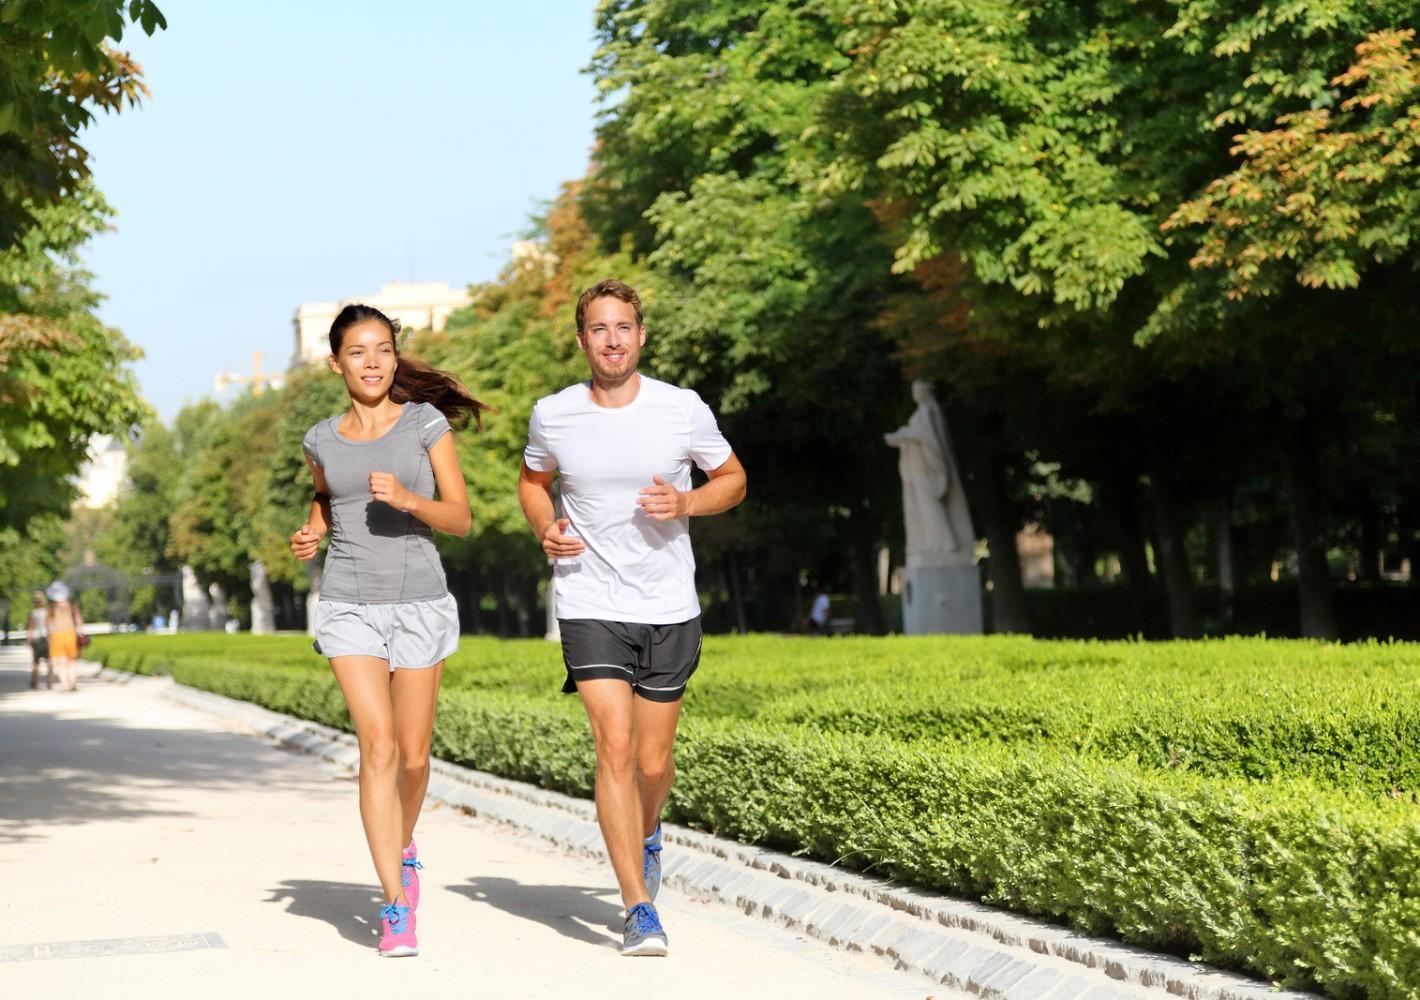 Kohti tehokkaampaa juoksua: Voimaa keskivartaloon